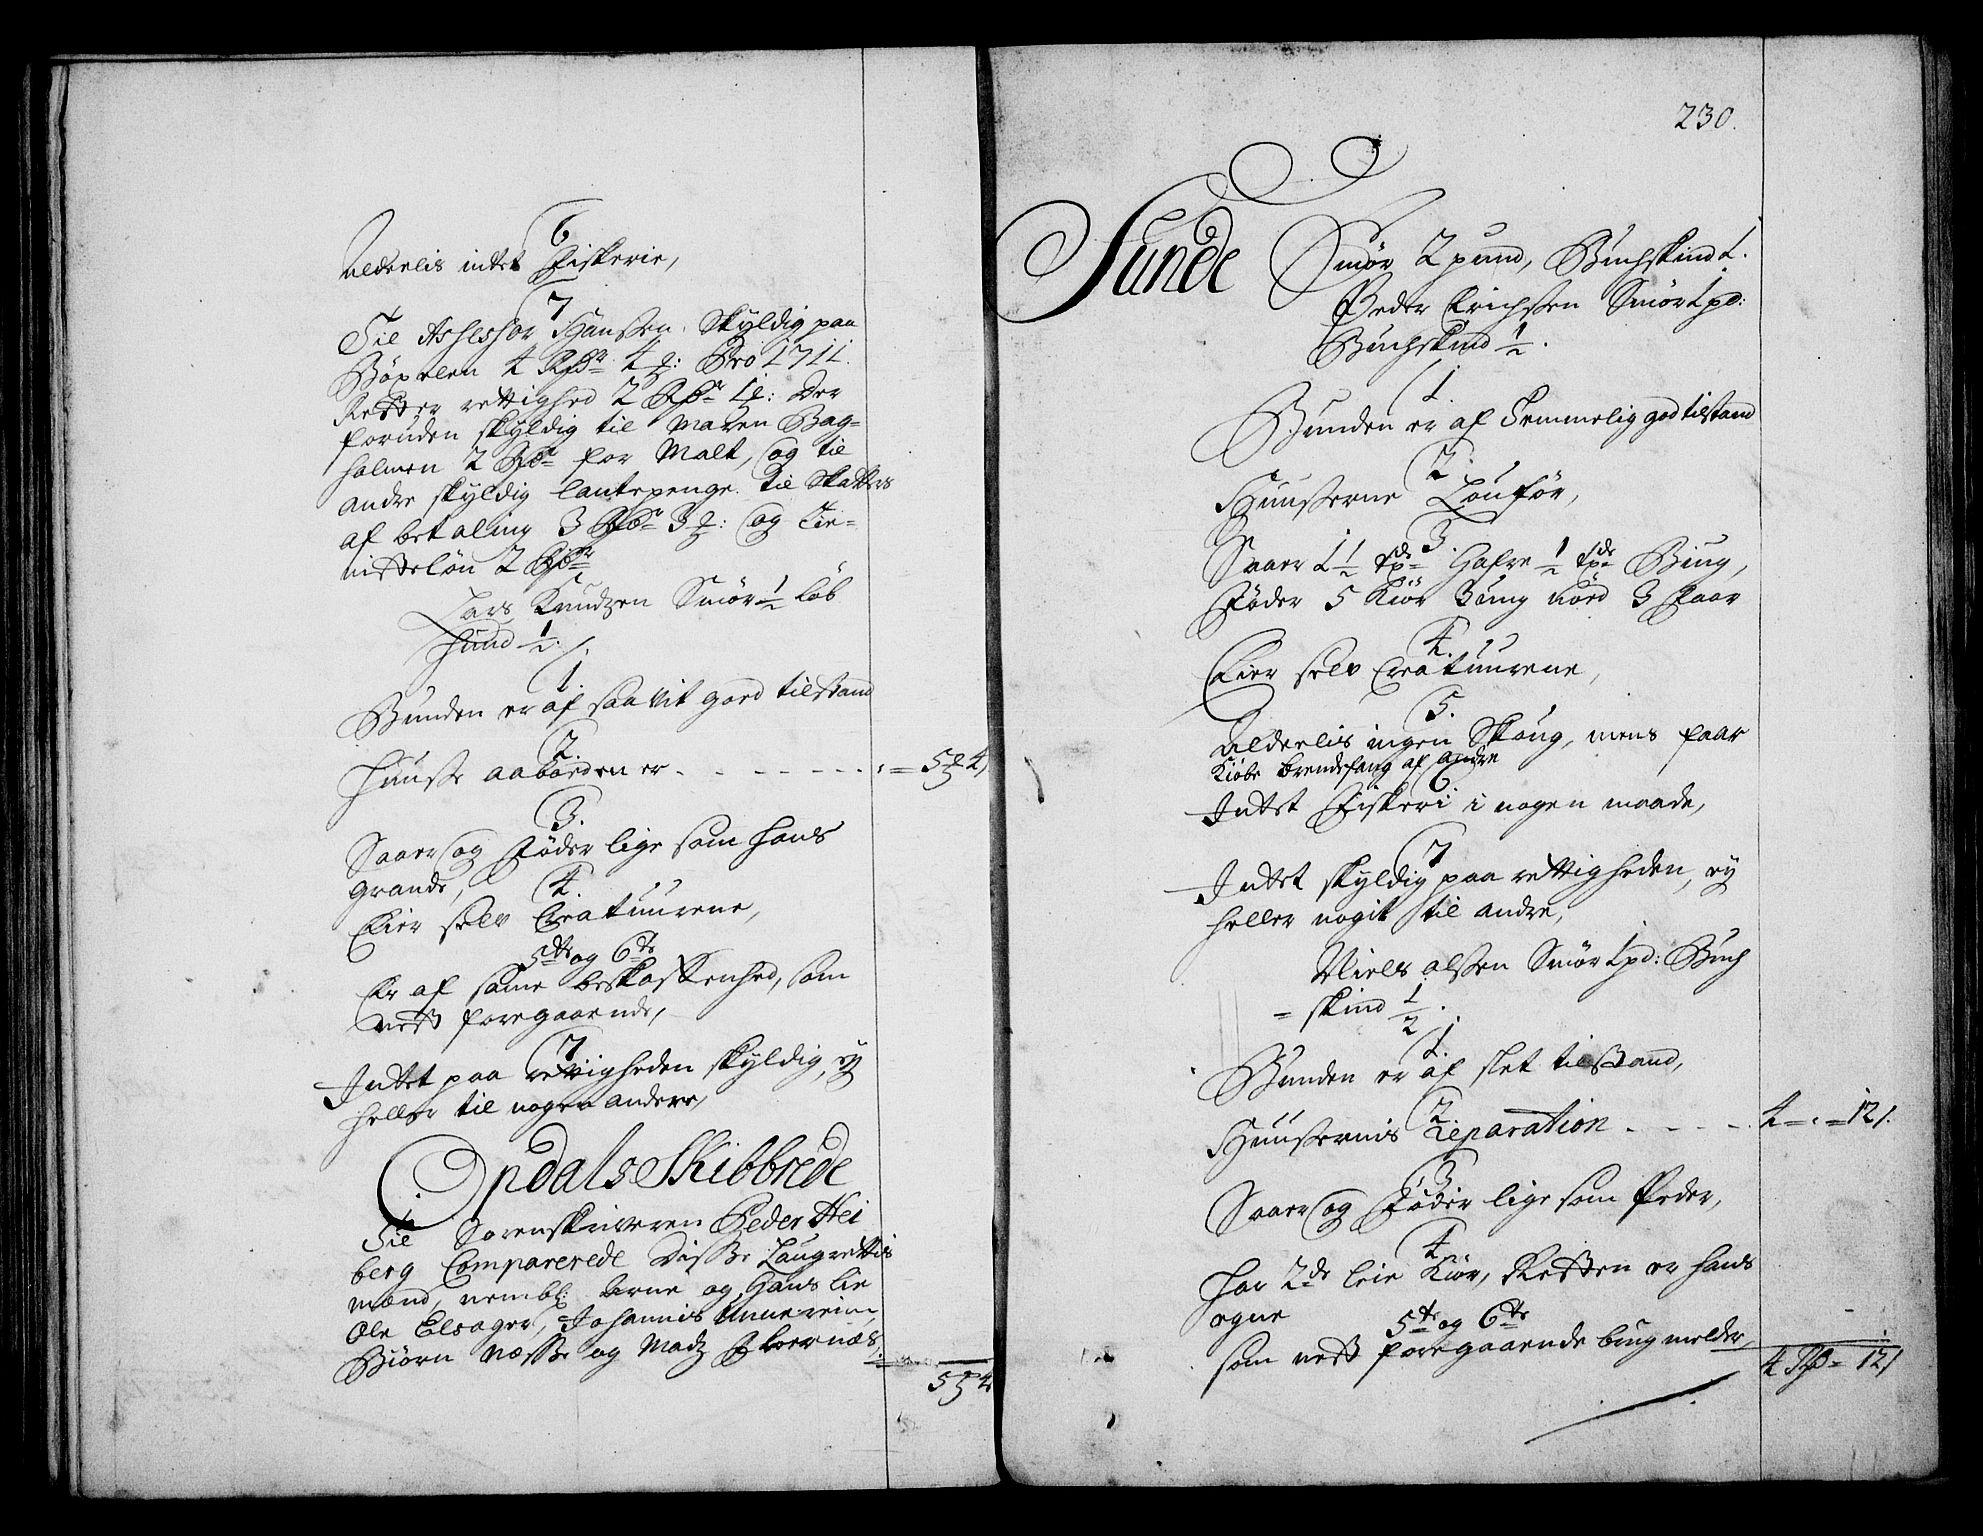 RA, Rentekammeret inntil 1814, Realistisk ordnet avdeling, On/L0003: [Jj 4]: Kommisjonsforretning over Vilhelm Hanssøns forpaktning av Halsnøy klosters gods, 1712-1722, s. 229b-230a